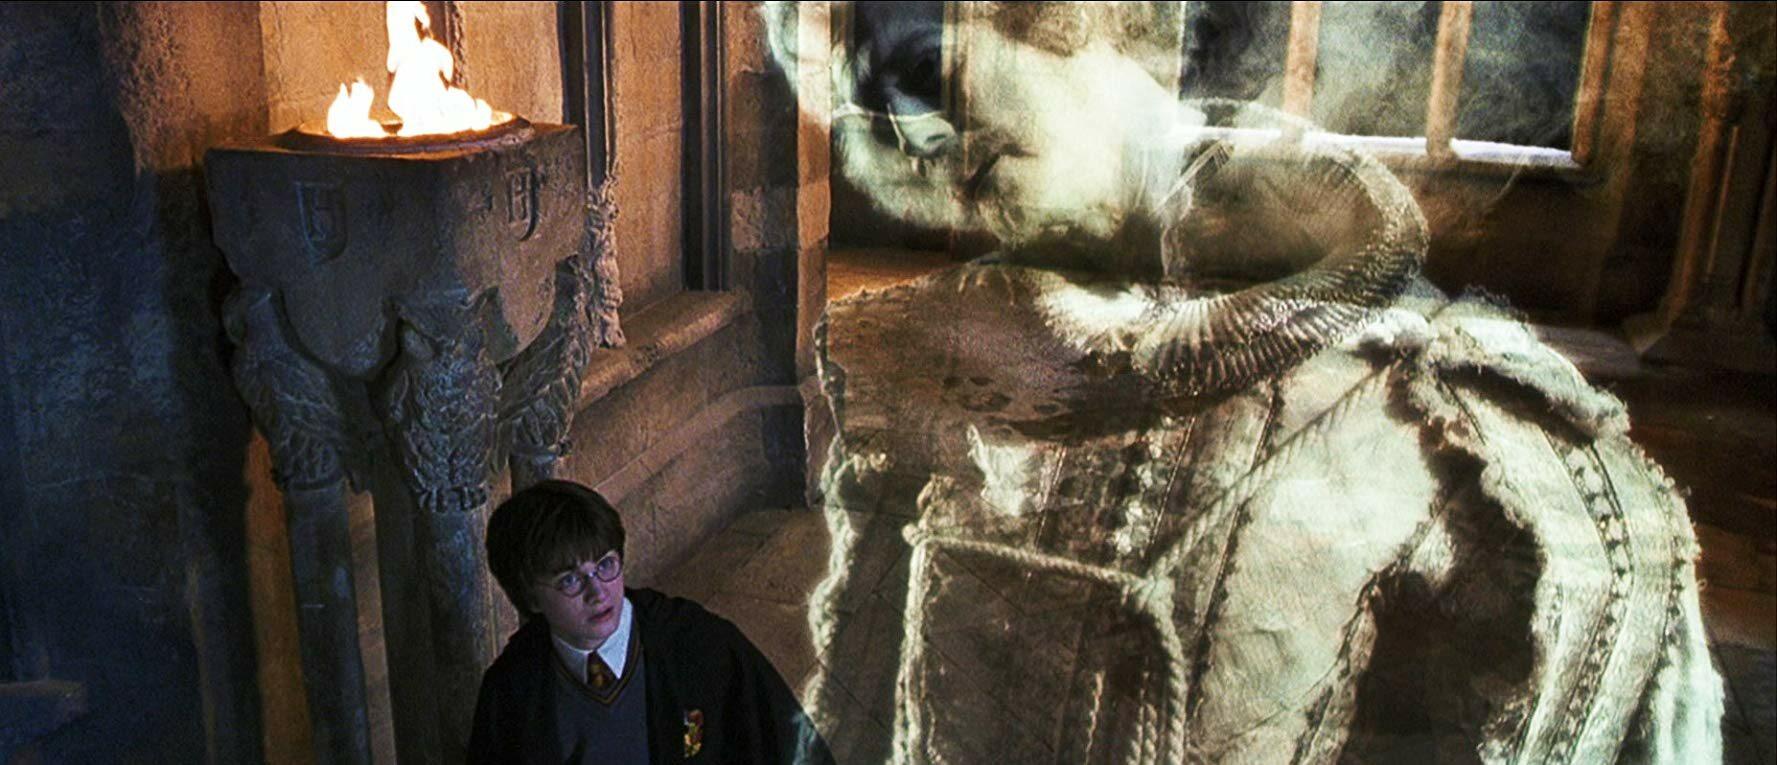 Jaką wspólną cechę mają różdżki Harry'ego Pottera i Lorda Voldemorta?